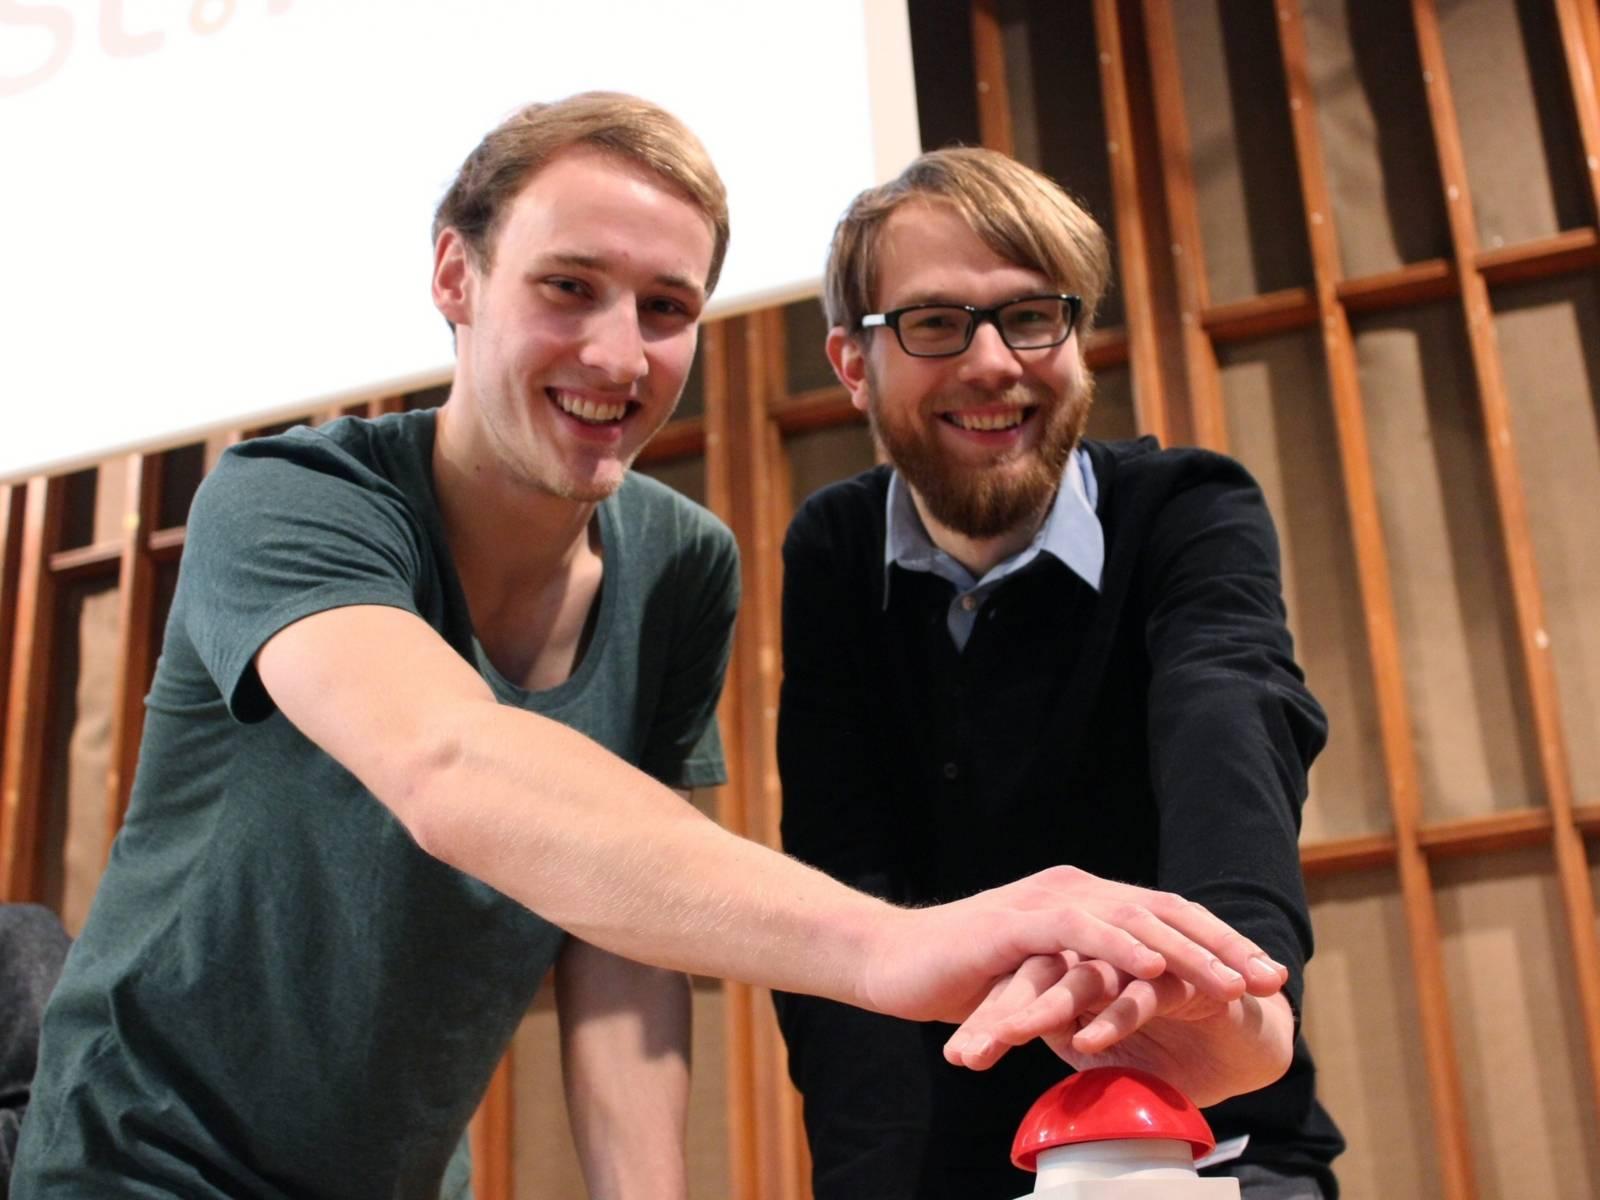 Zwei junge Männer drücken auf einen großen roten Startknopf